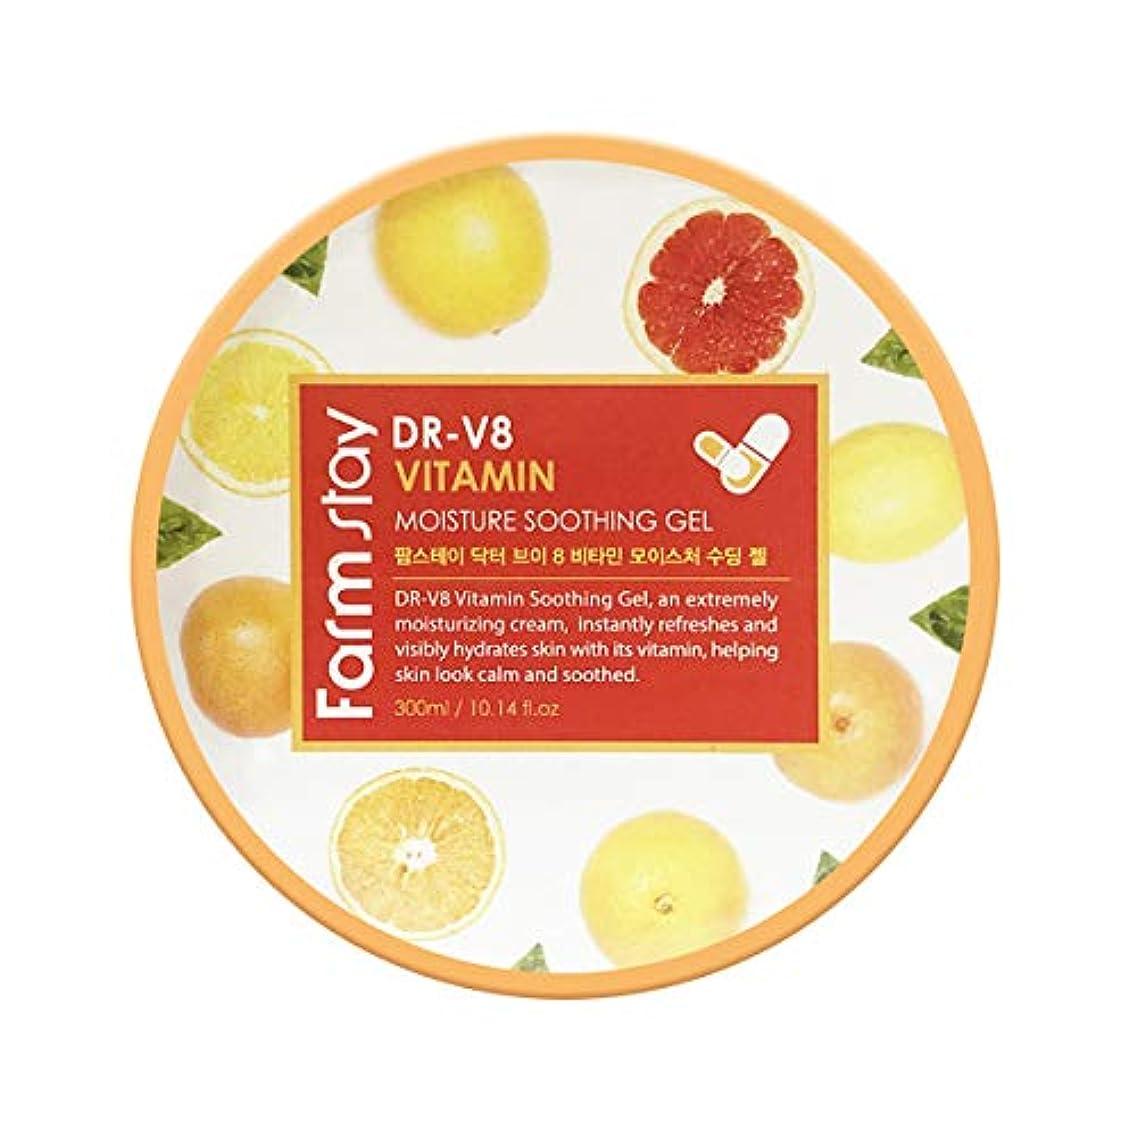 撤回する改修不満[Farmstay] ファームステイ DR-V8 Vitamin ビタミン Moisture Soothing Gel スディンジェル300ml